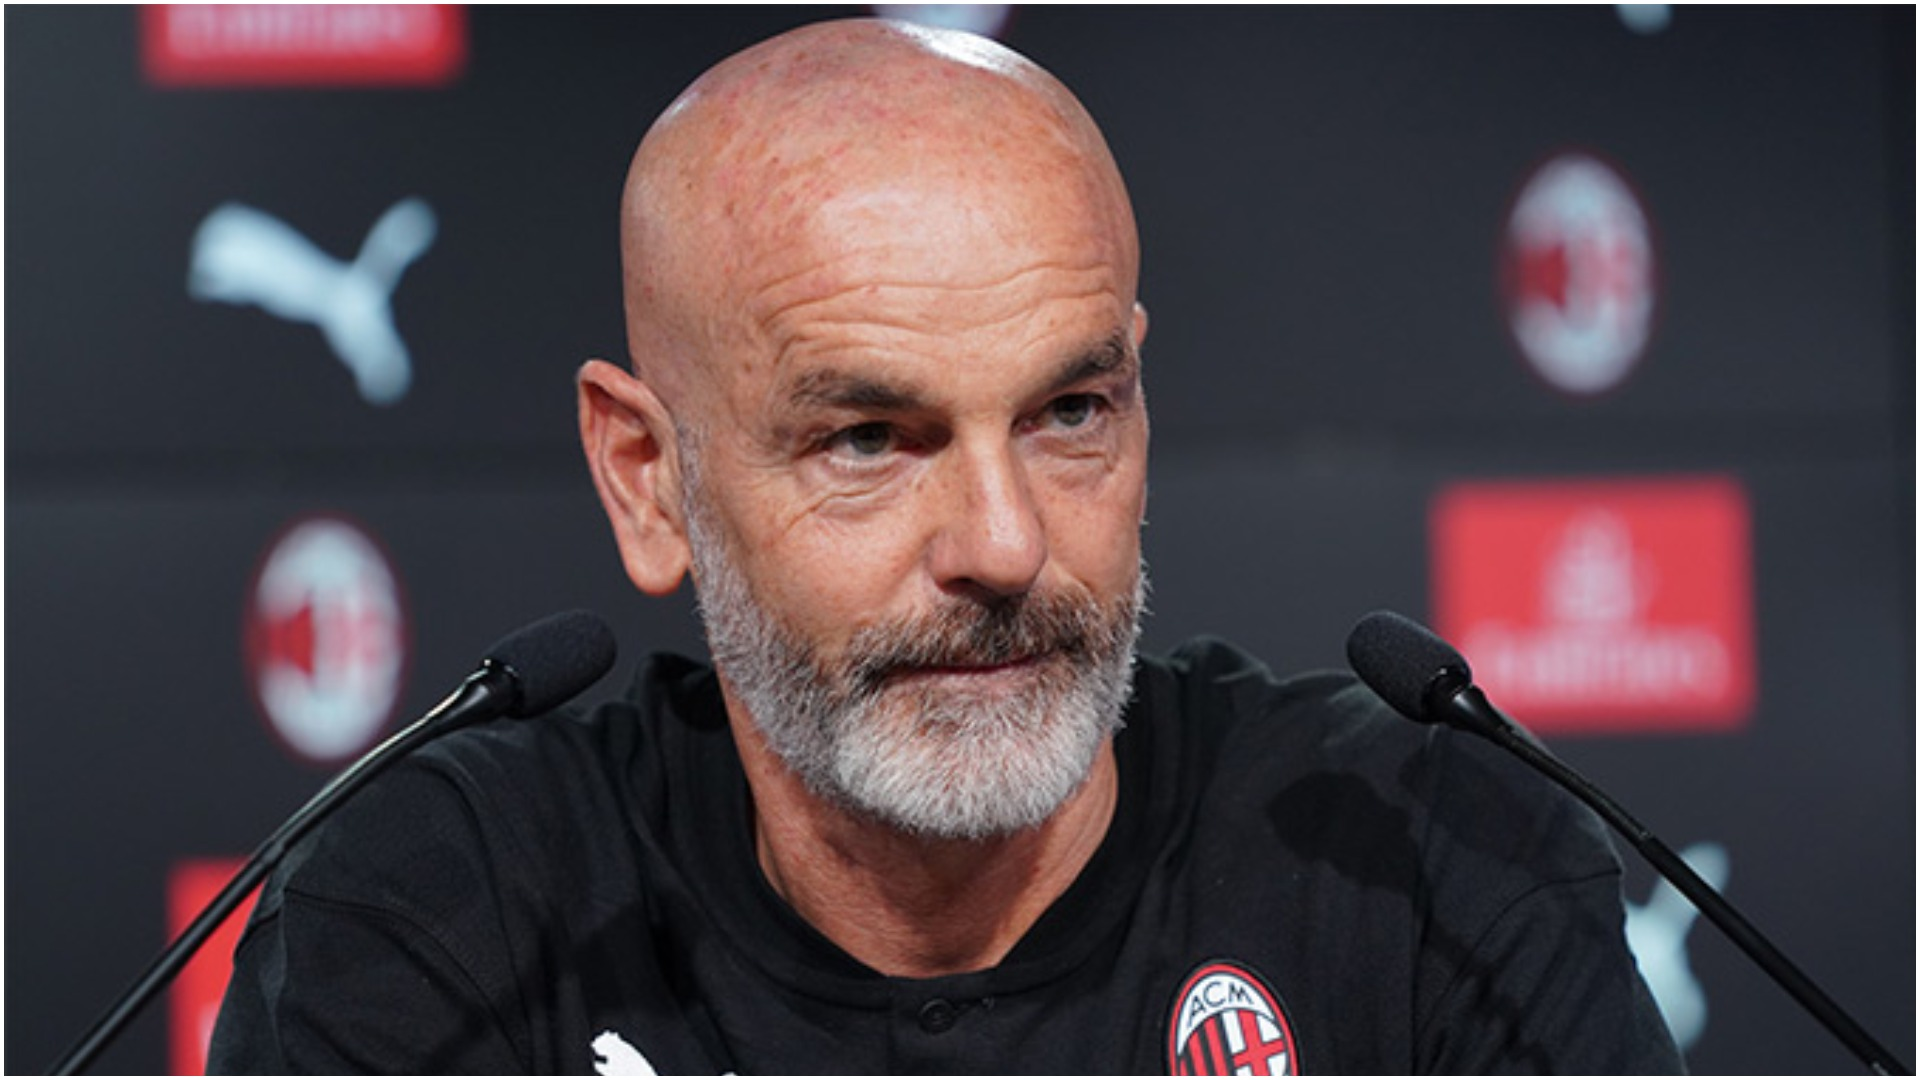 Pioli: Të tregohemi më cinikë, Lazio e frikshme edhe pa Immobile